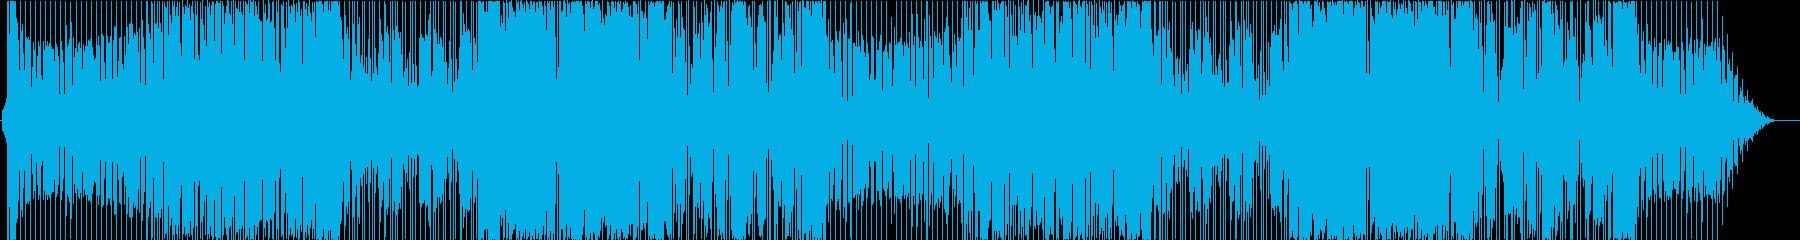 ループ可シンセを交えたハードロックの再生済みの波形